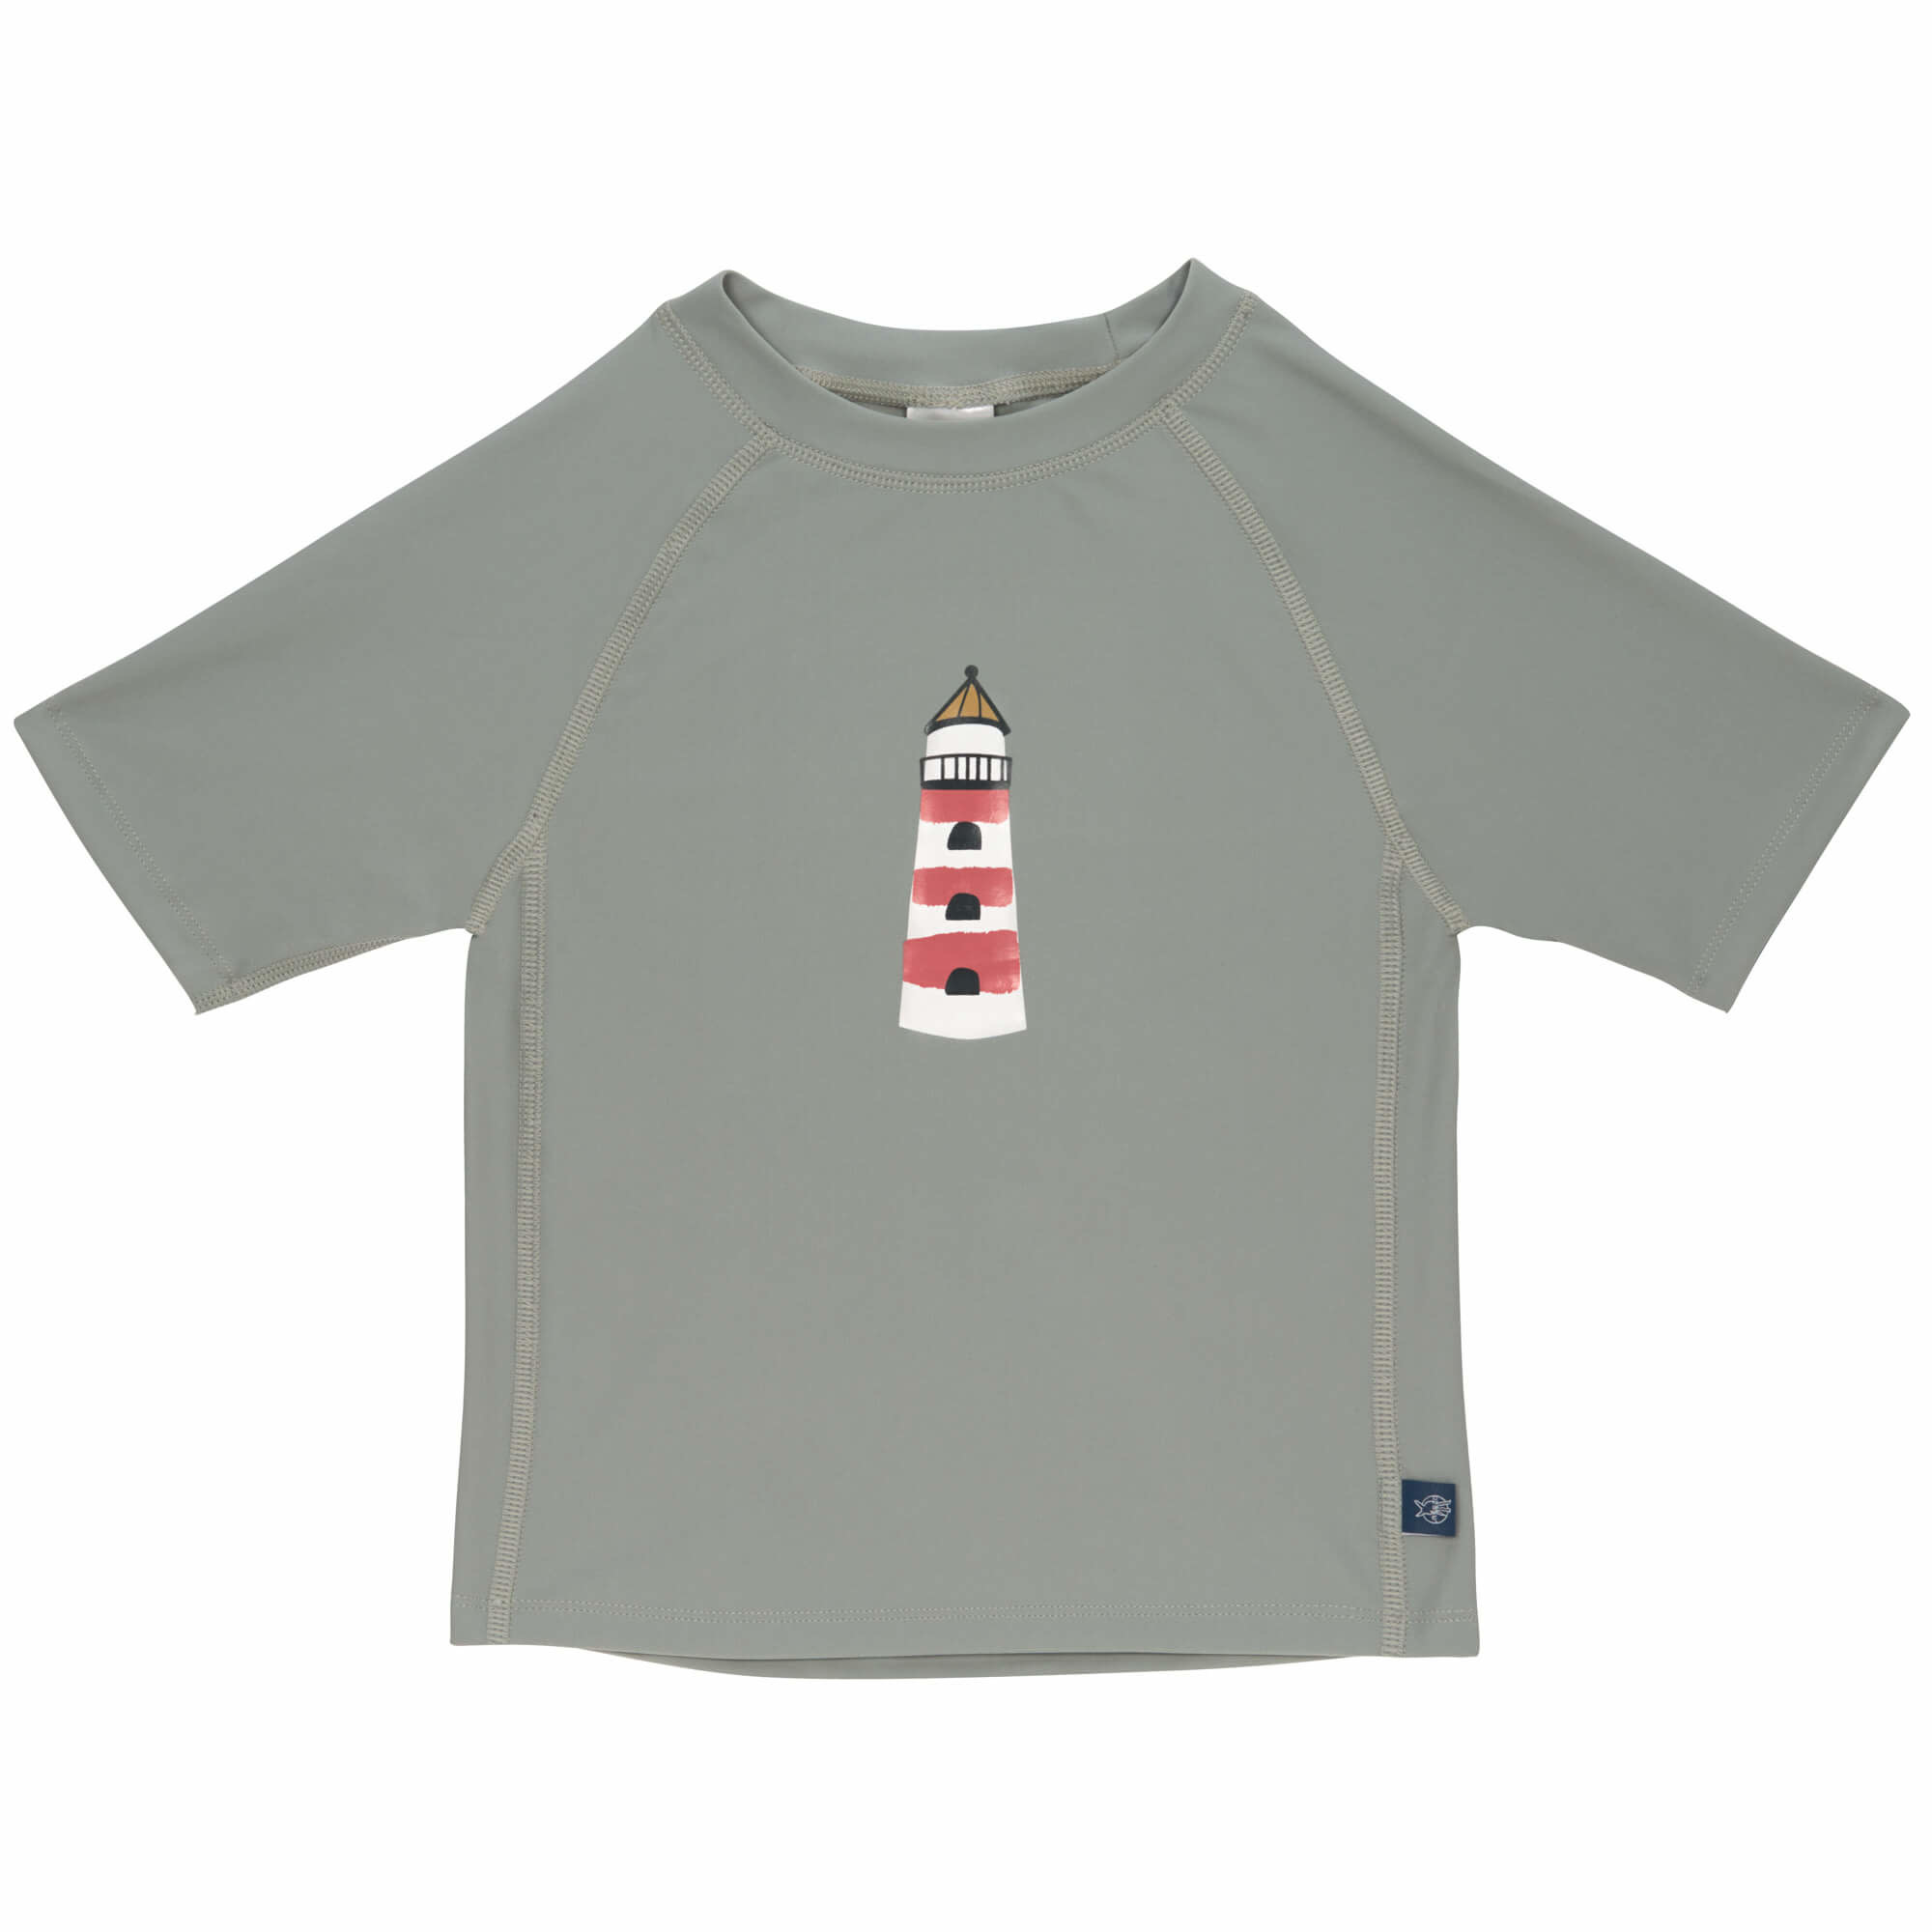 Lassig Rashguard Short Sleeve Lighthouse Khaki